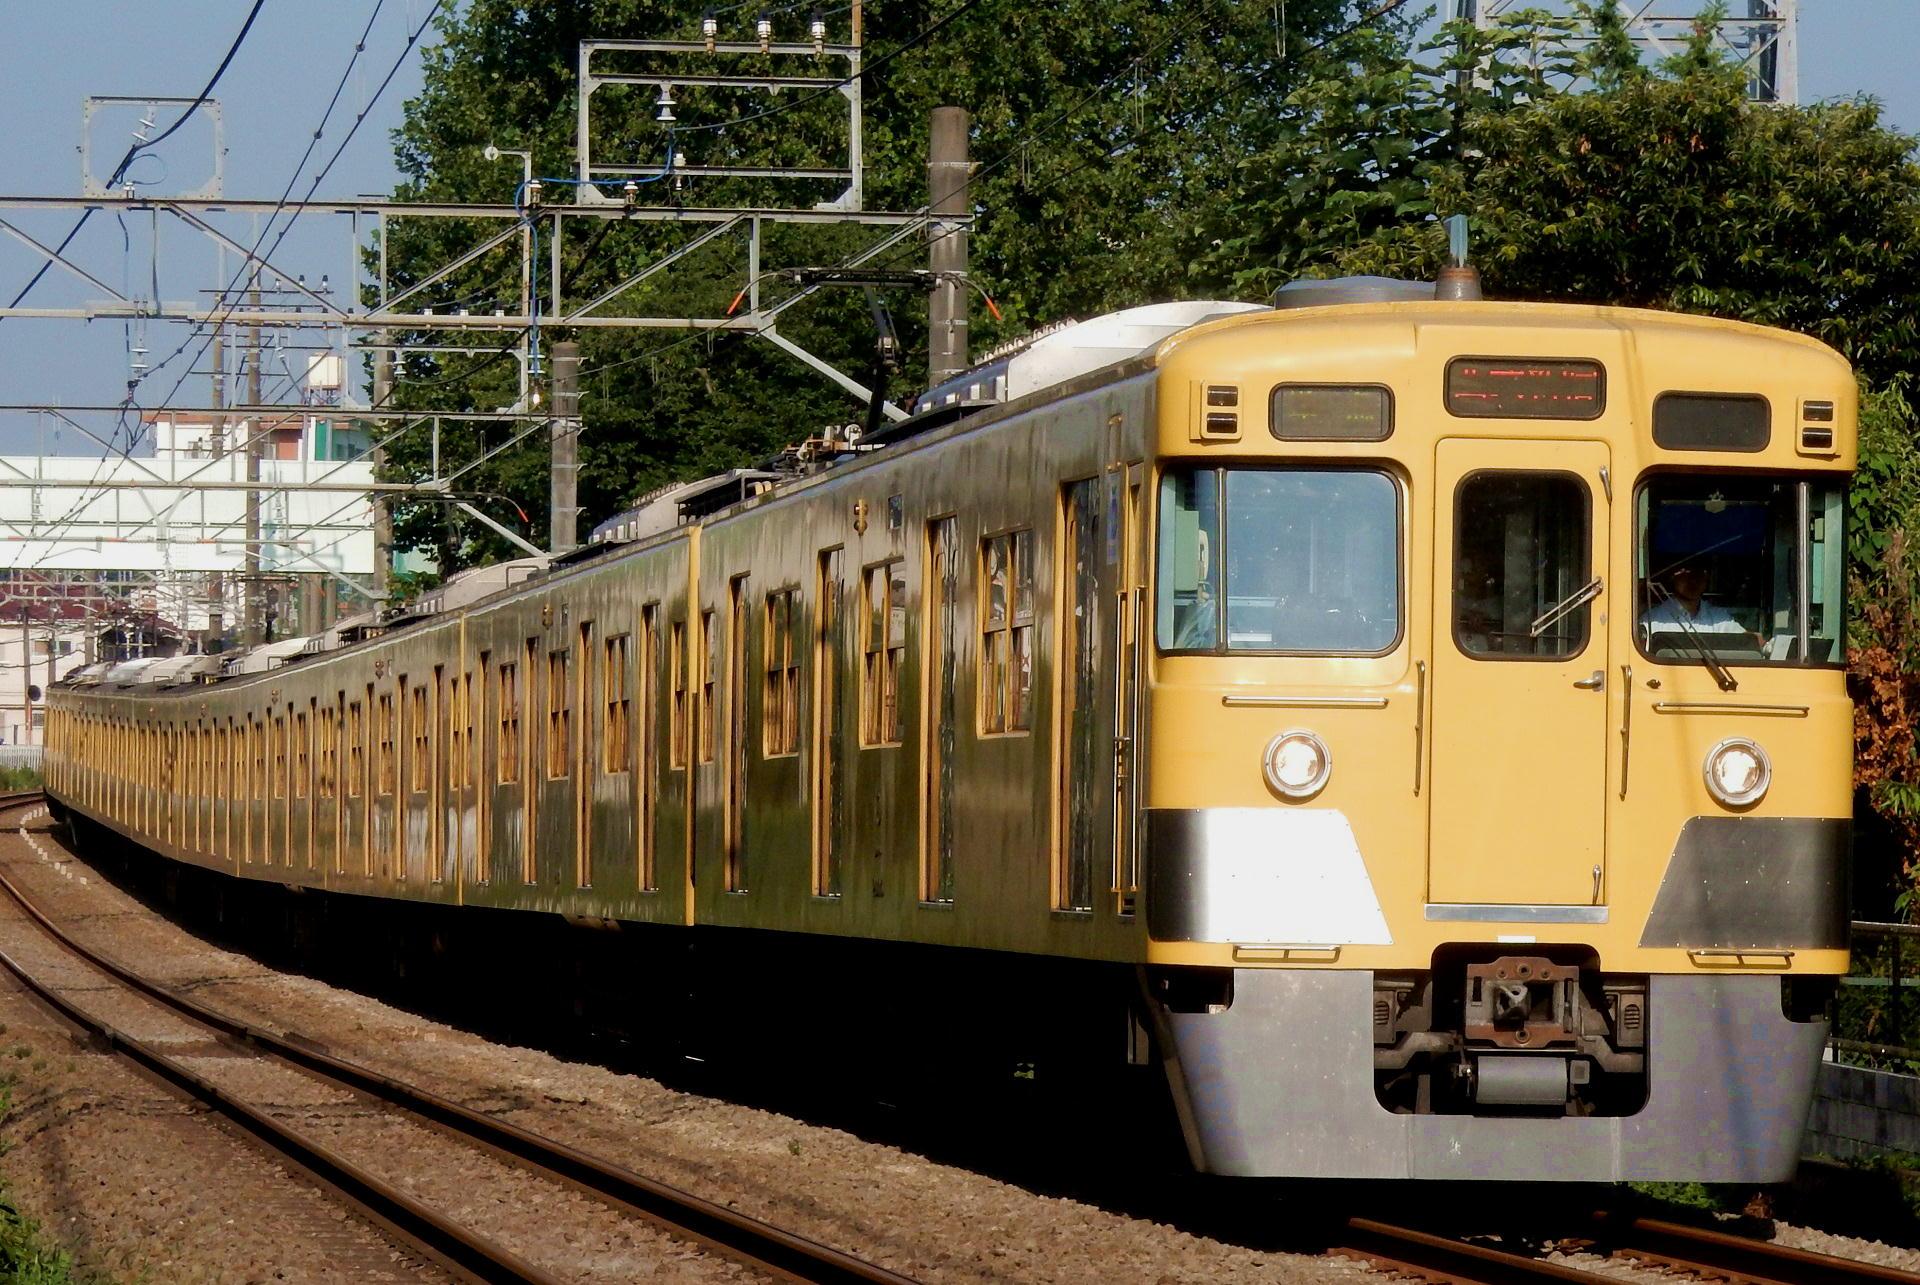 DSCN4789 - コピー